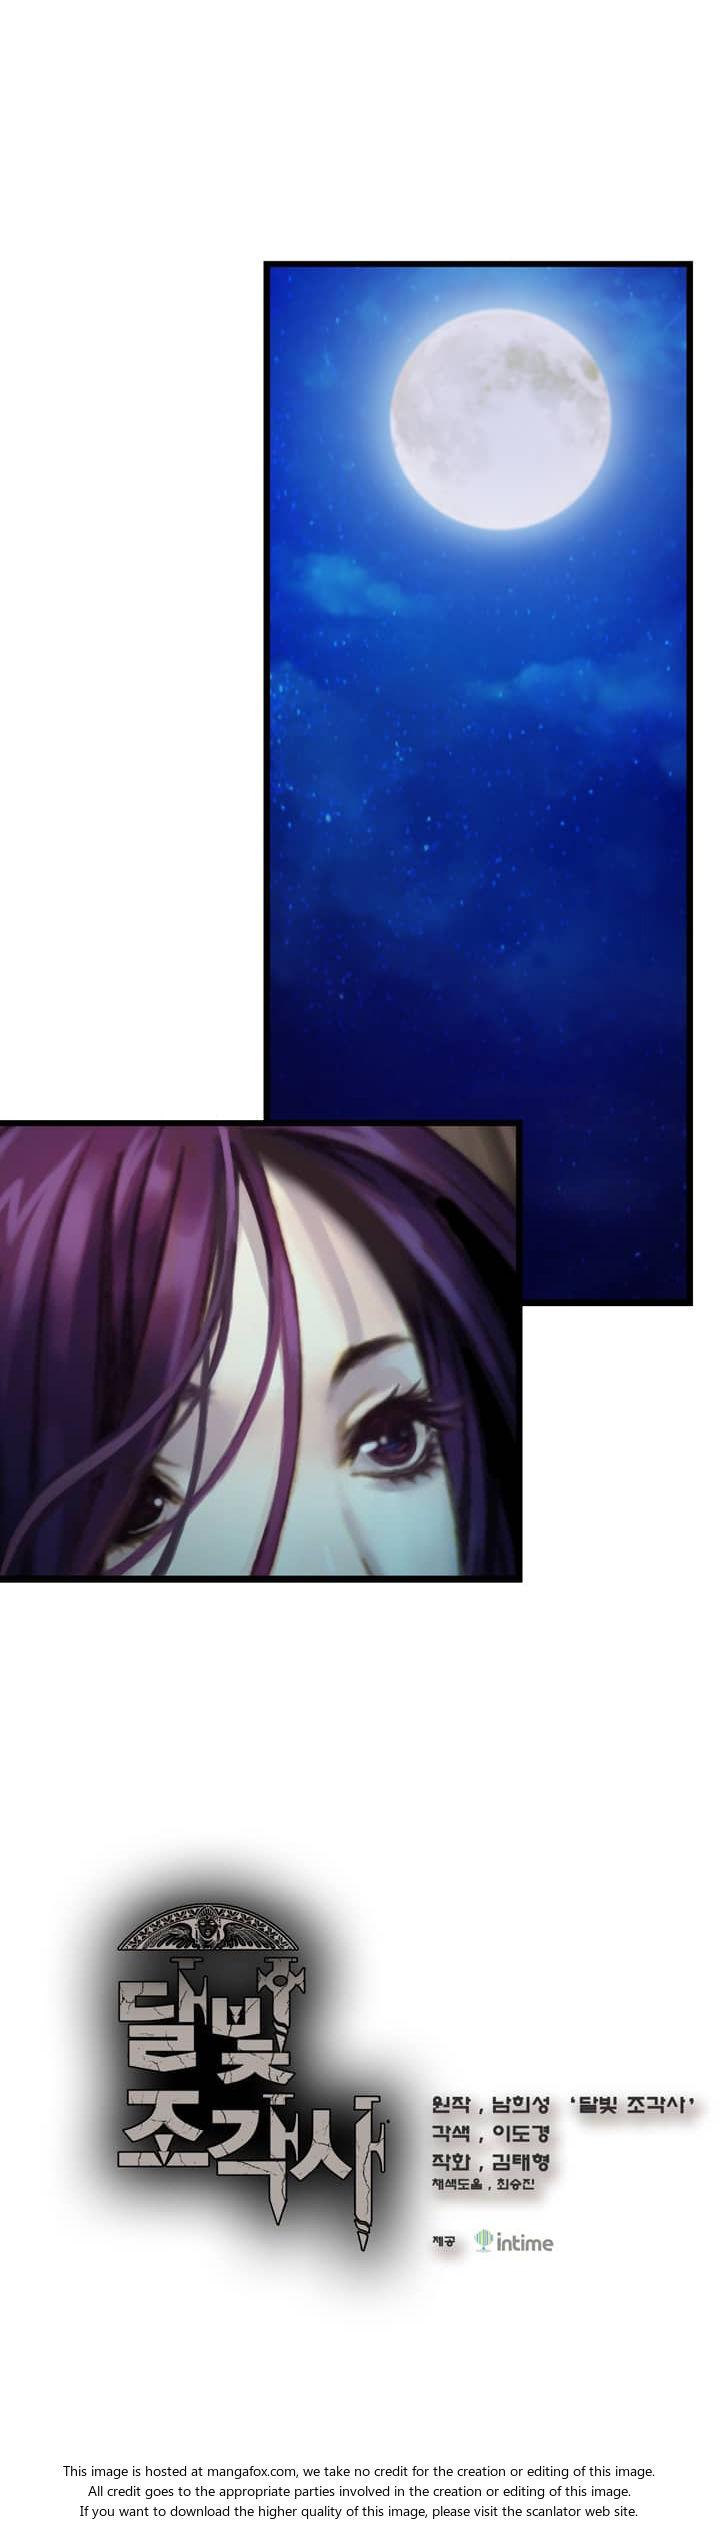 The Legendary Moonlight Sculptor 37 at MangaFox